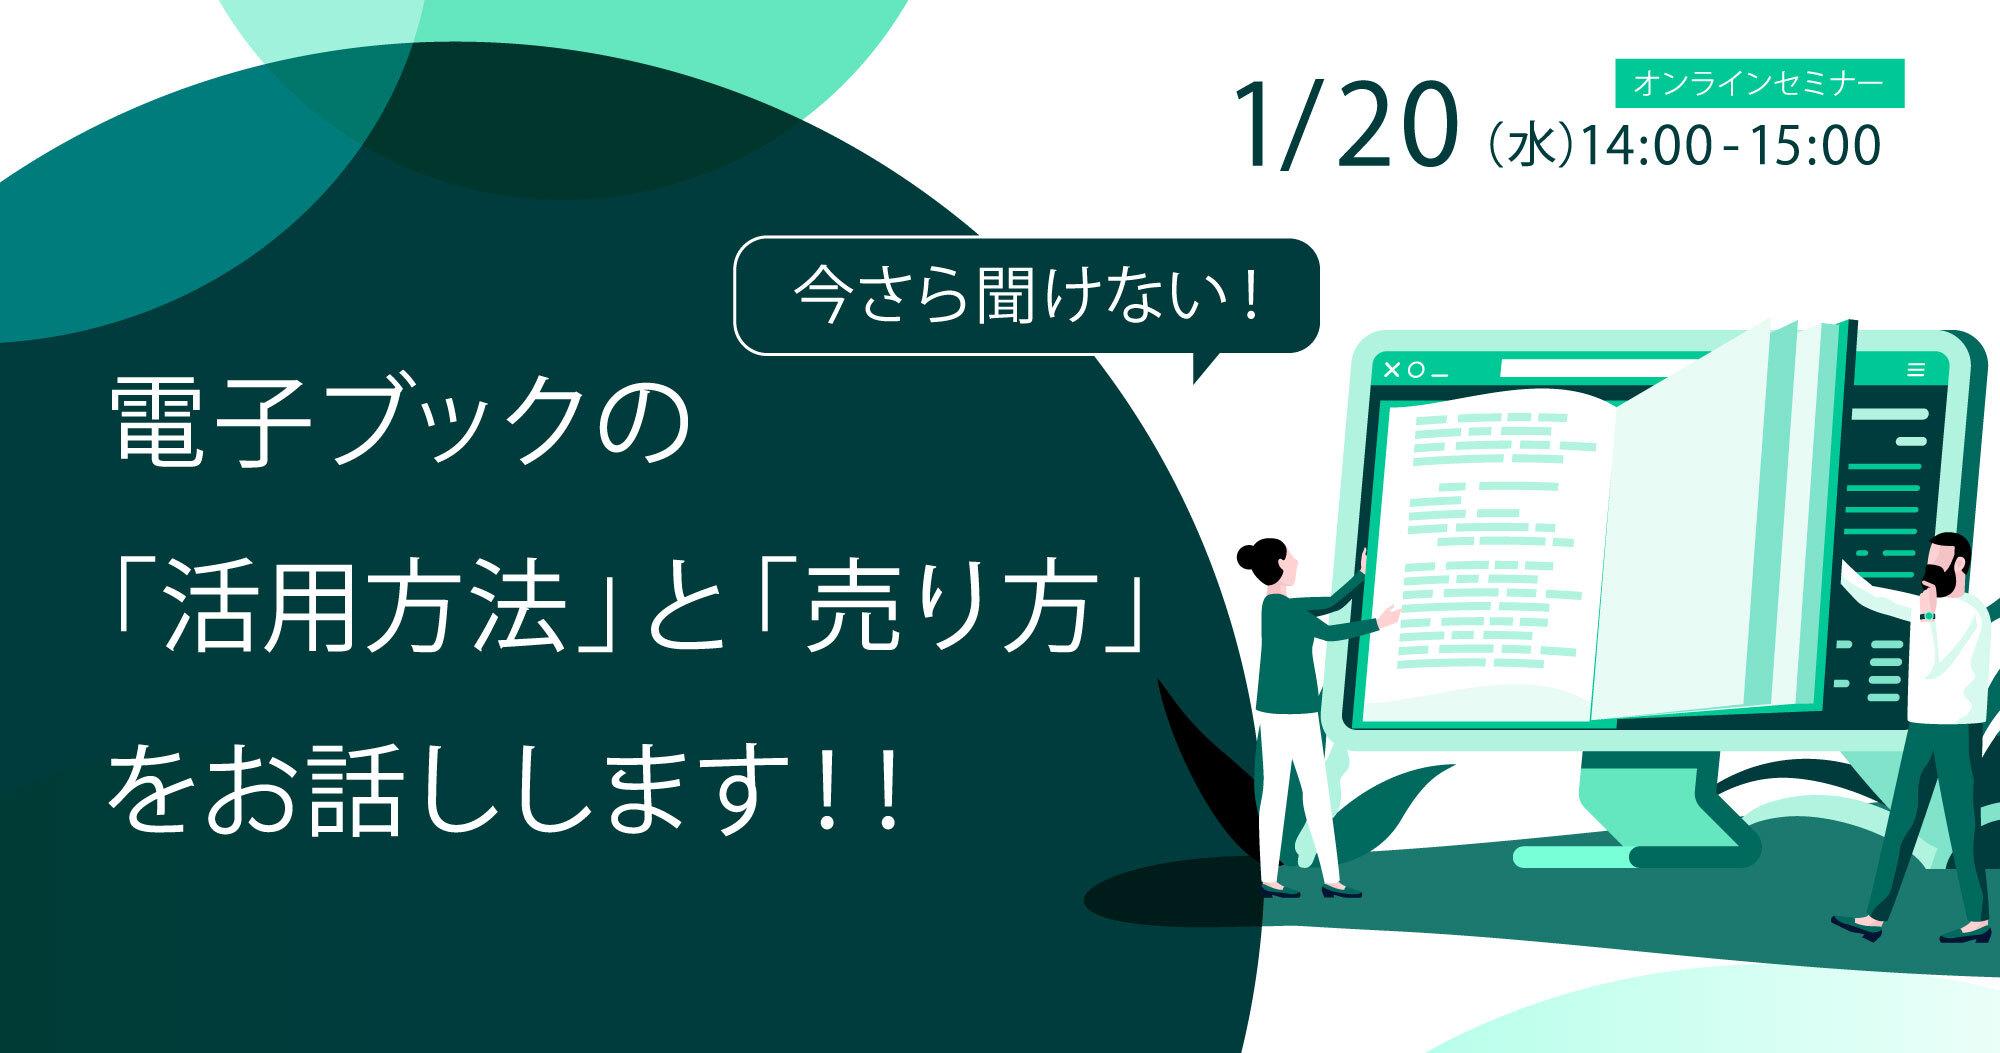 【1月20日(水)】今さら聞けない! 電子ブックの「活用方法」と「売り方」をお話しします!!